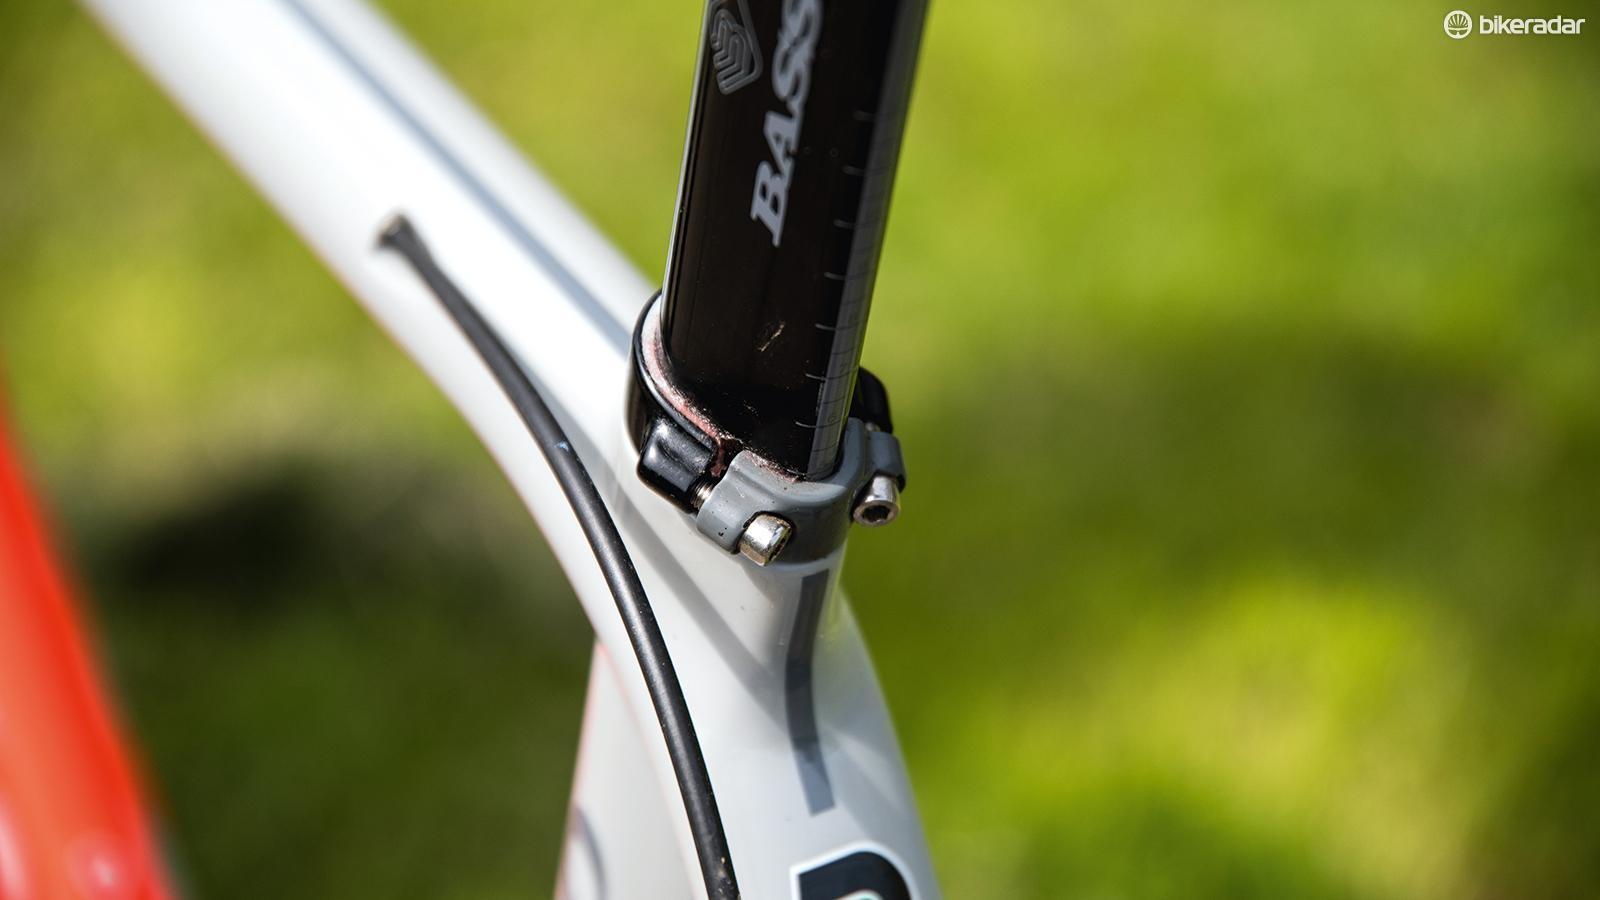 Basso provides the carbon aero seatpost